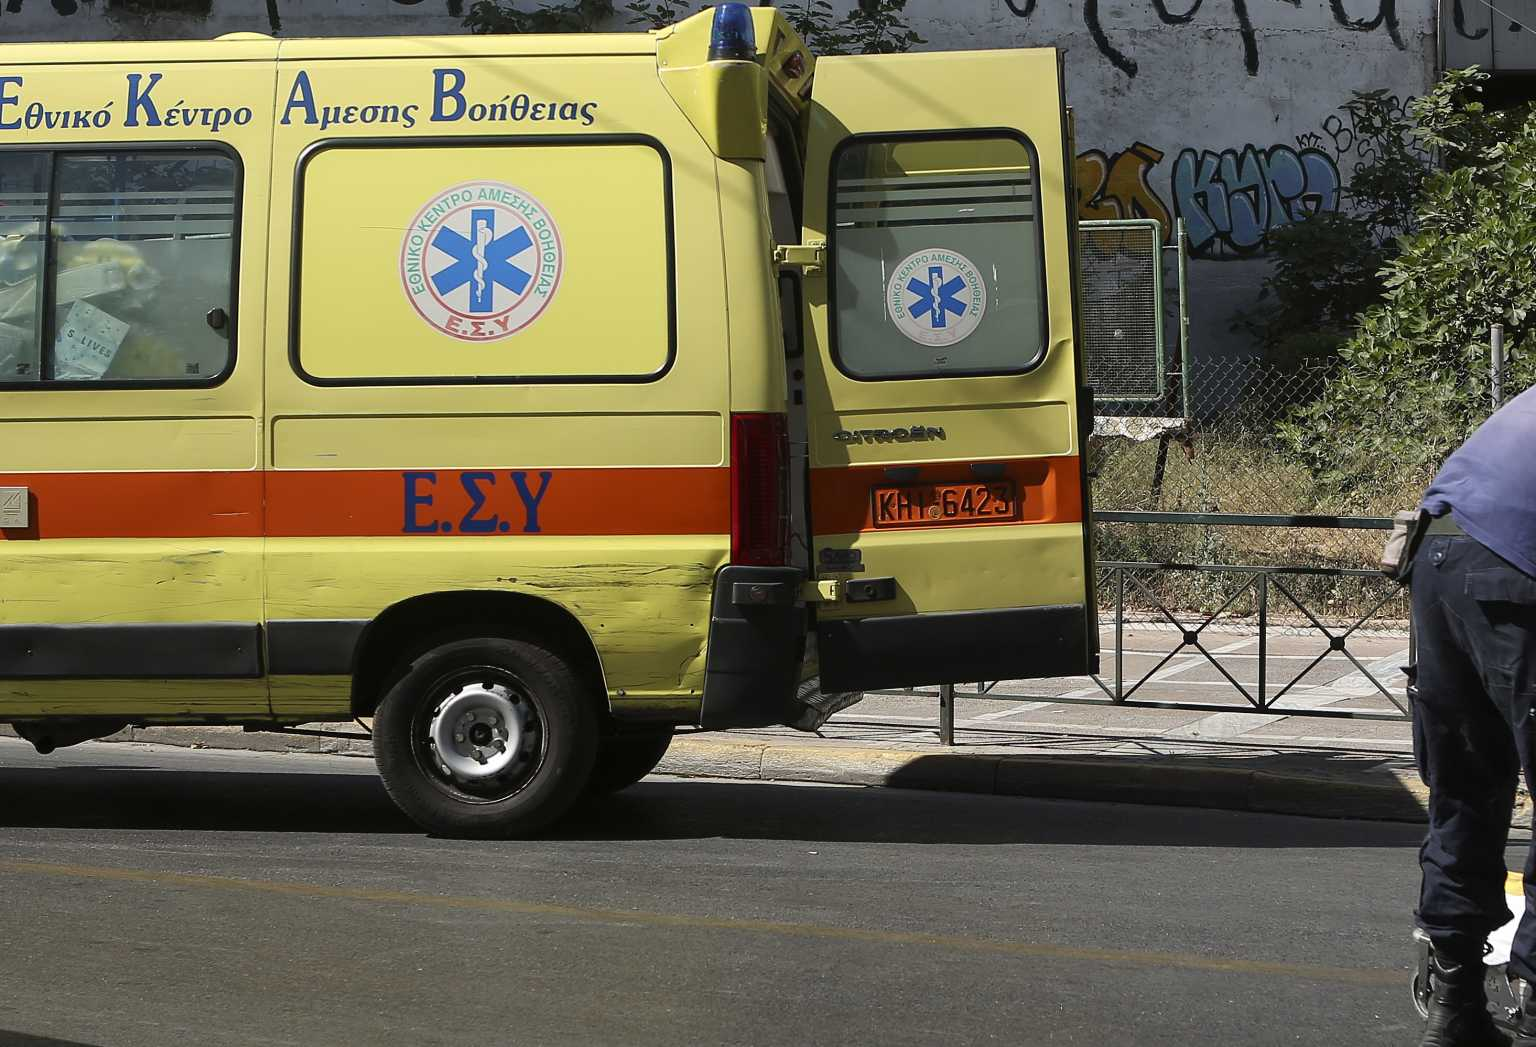 Κατερίνη: 2χρονο κοριτσάκι παρασύρθηκε από φορτηγό και νοσηλεύεται στο νοσοκομείο